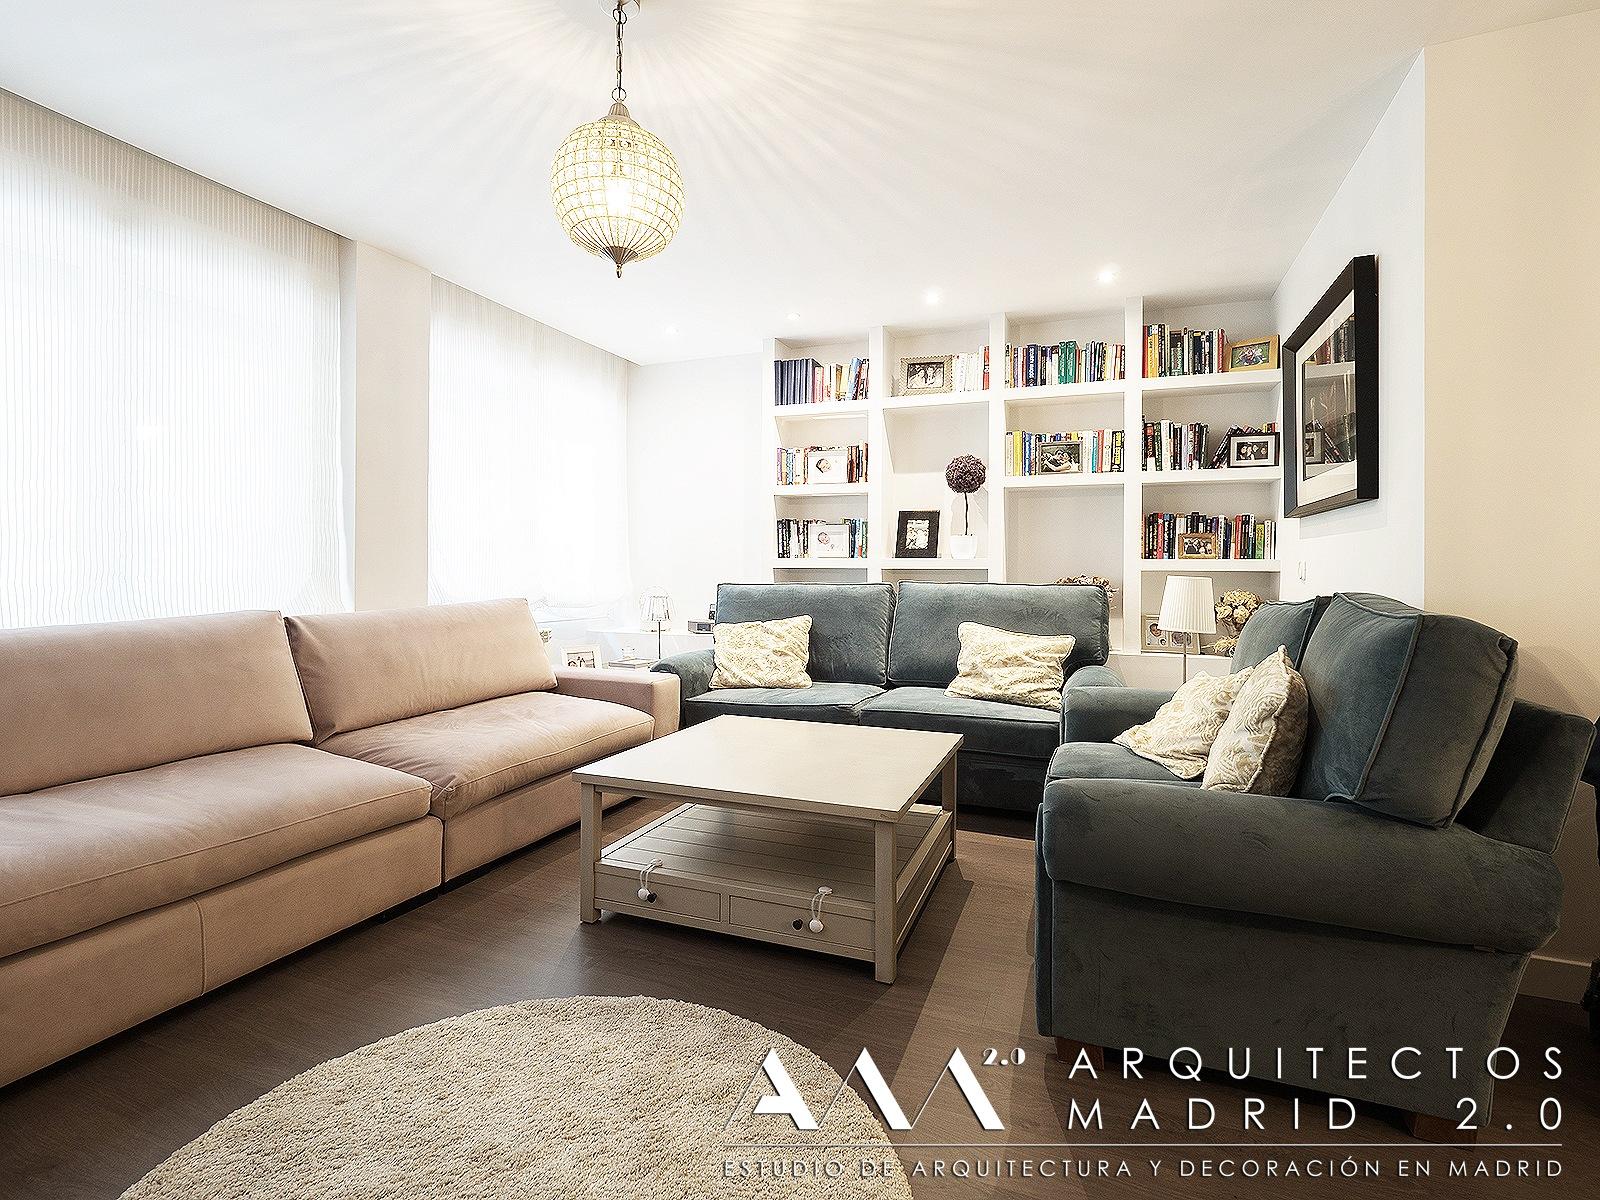 reforma-convertir-oficina-en-vivienda-arquitectos-madrid-01